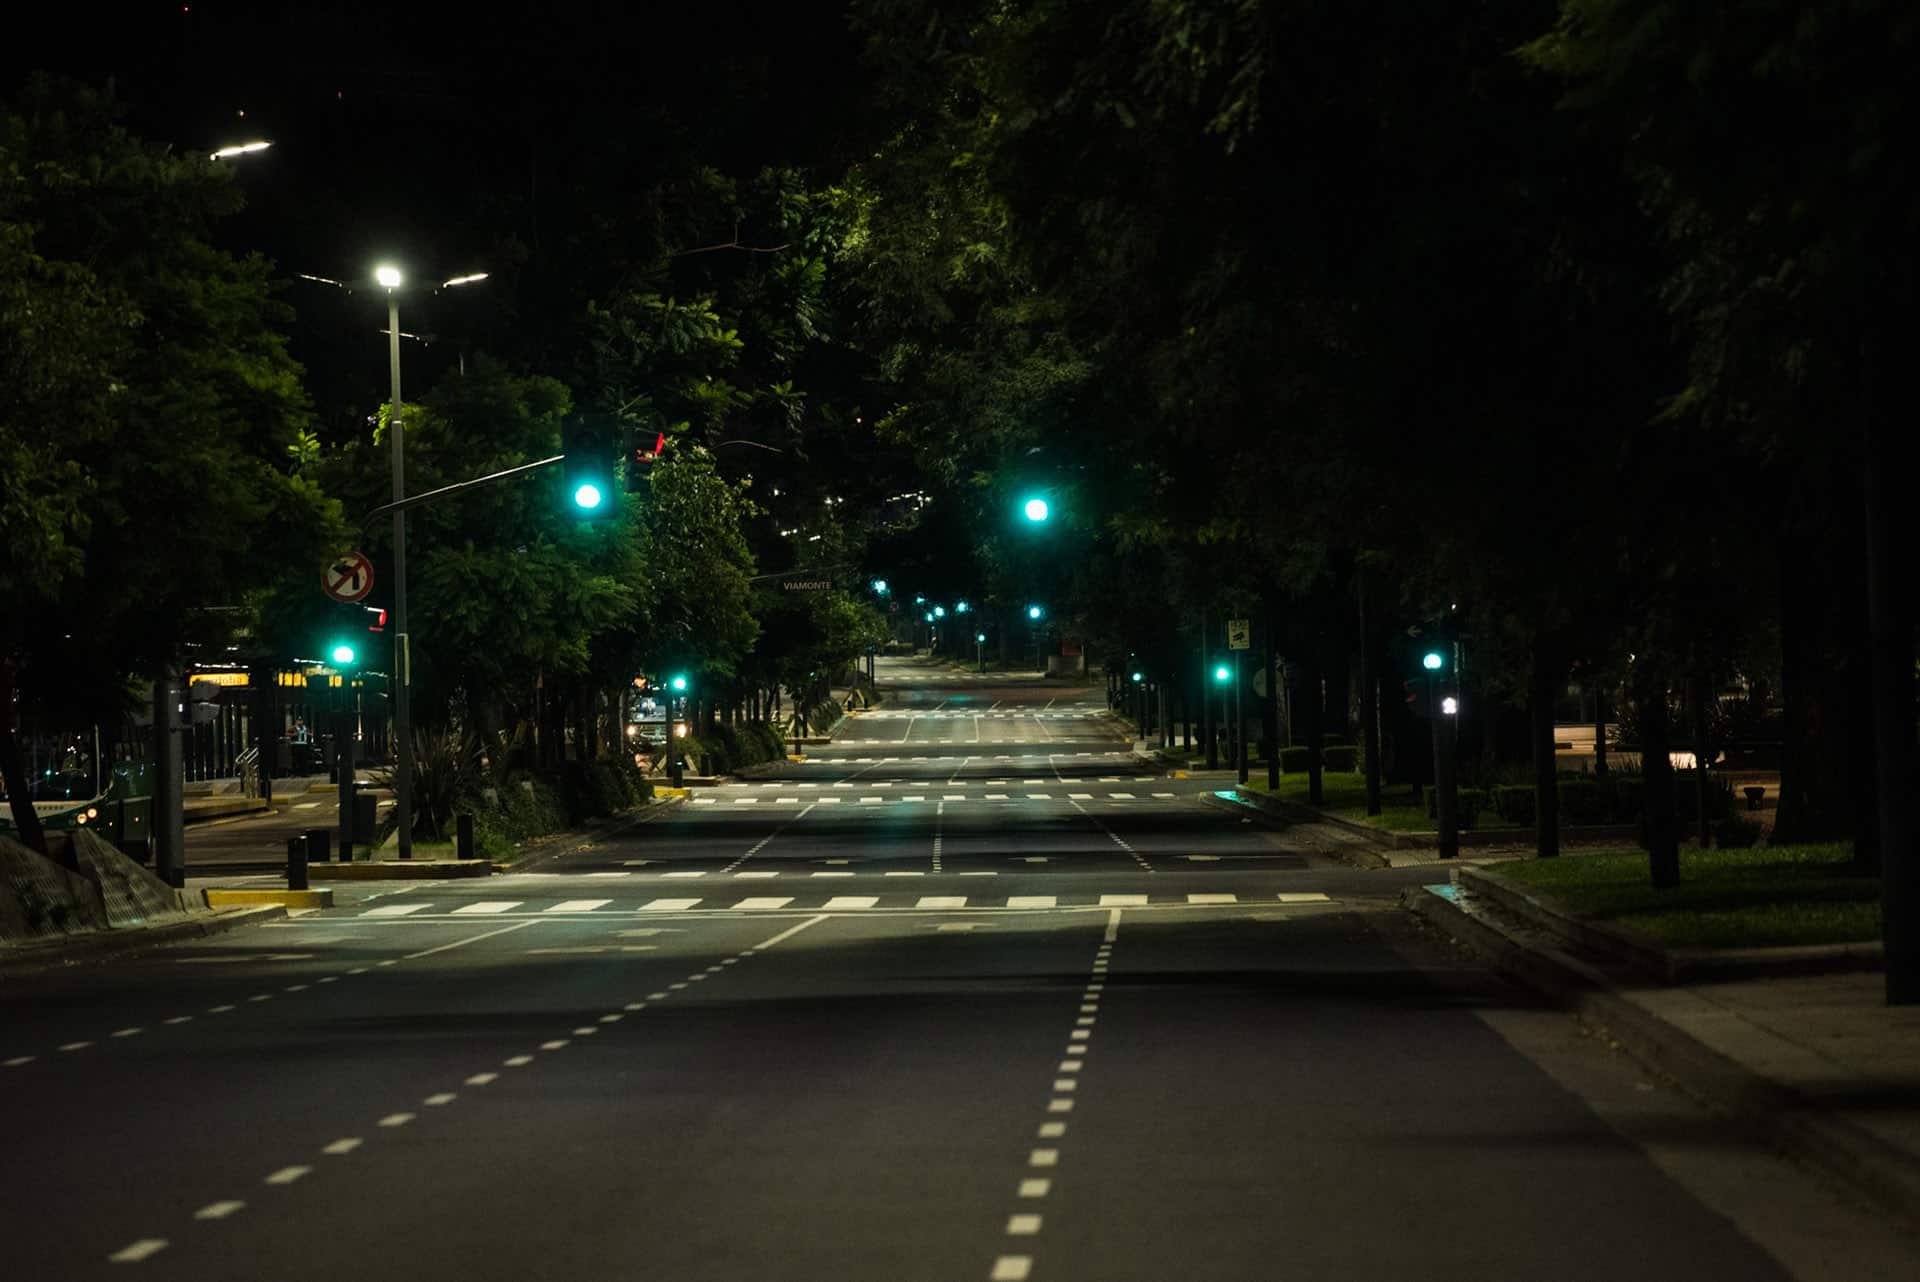 El viernes comenzará a regir el toque sanitario nocturno en todo el País